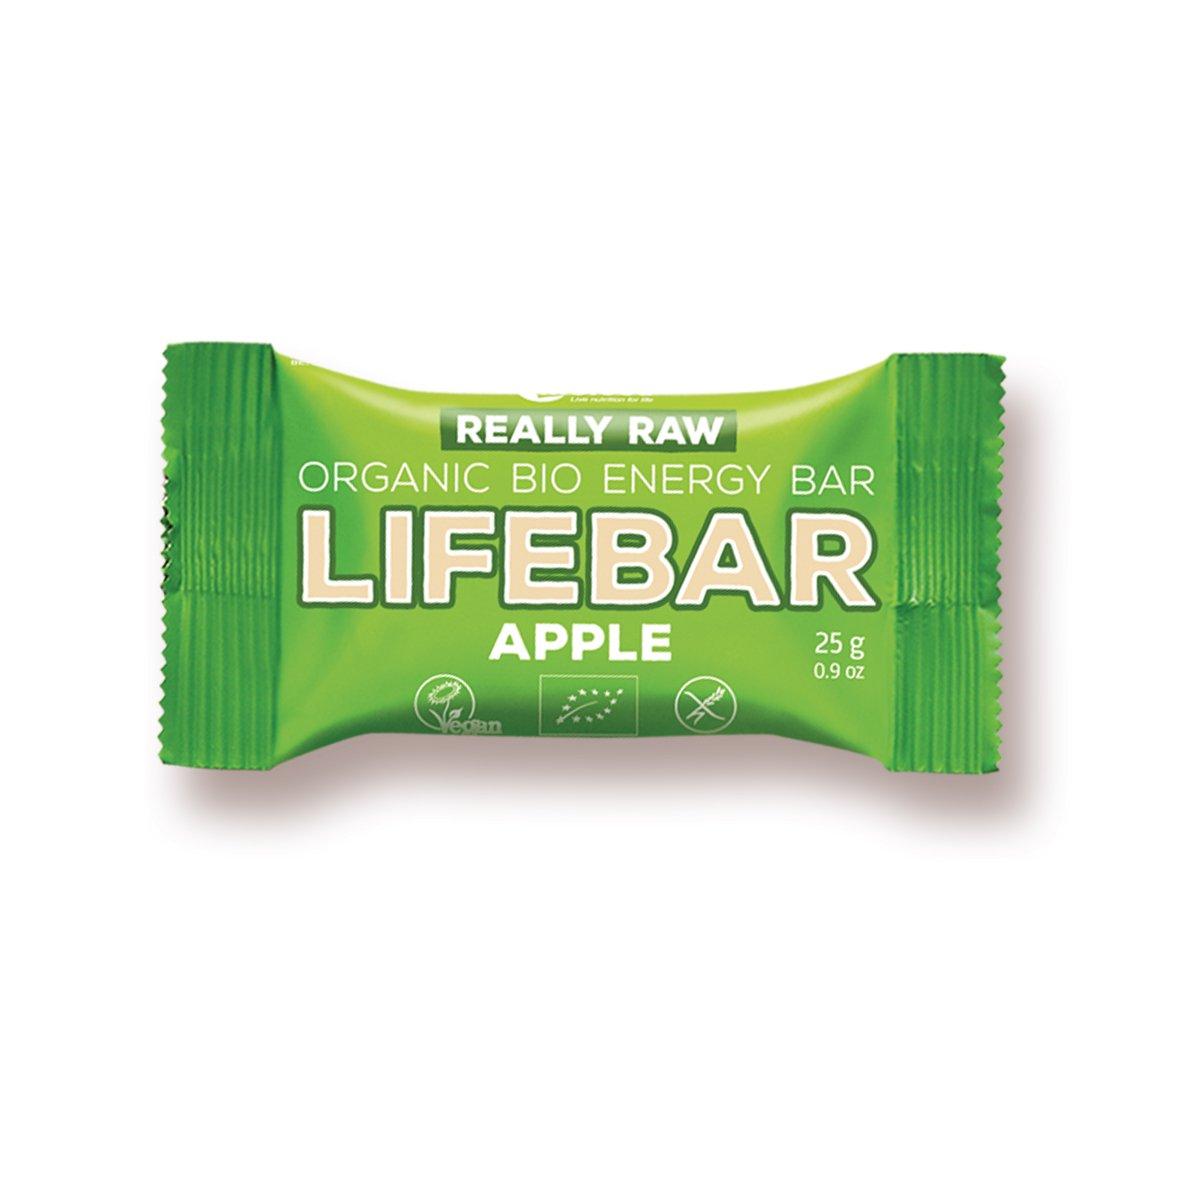 Lifefood Barritas Energéticas Mini Manzana - 10 Paquetes de 25 gr - Total: 250 gr: Amazon.es: Alimentación y bebidas